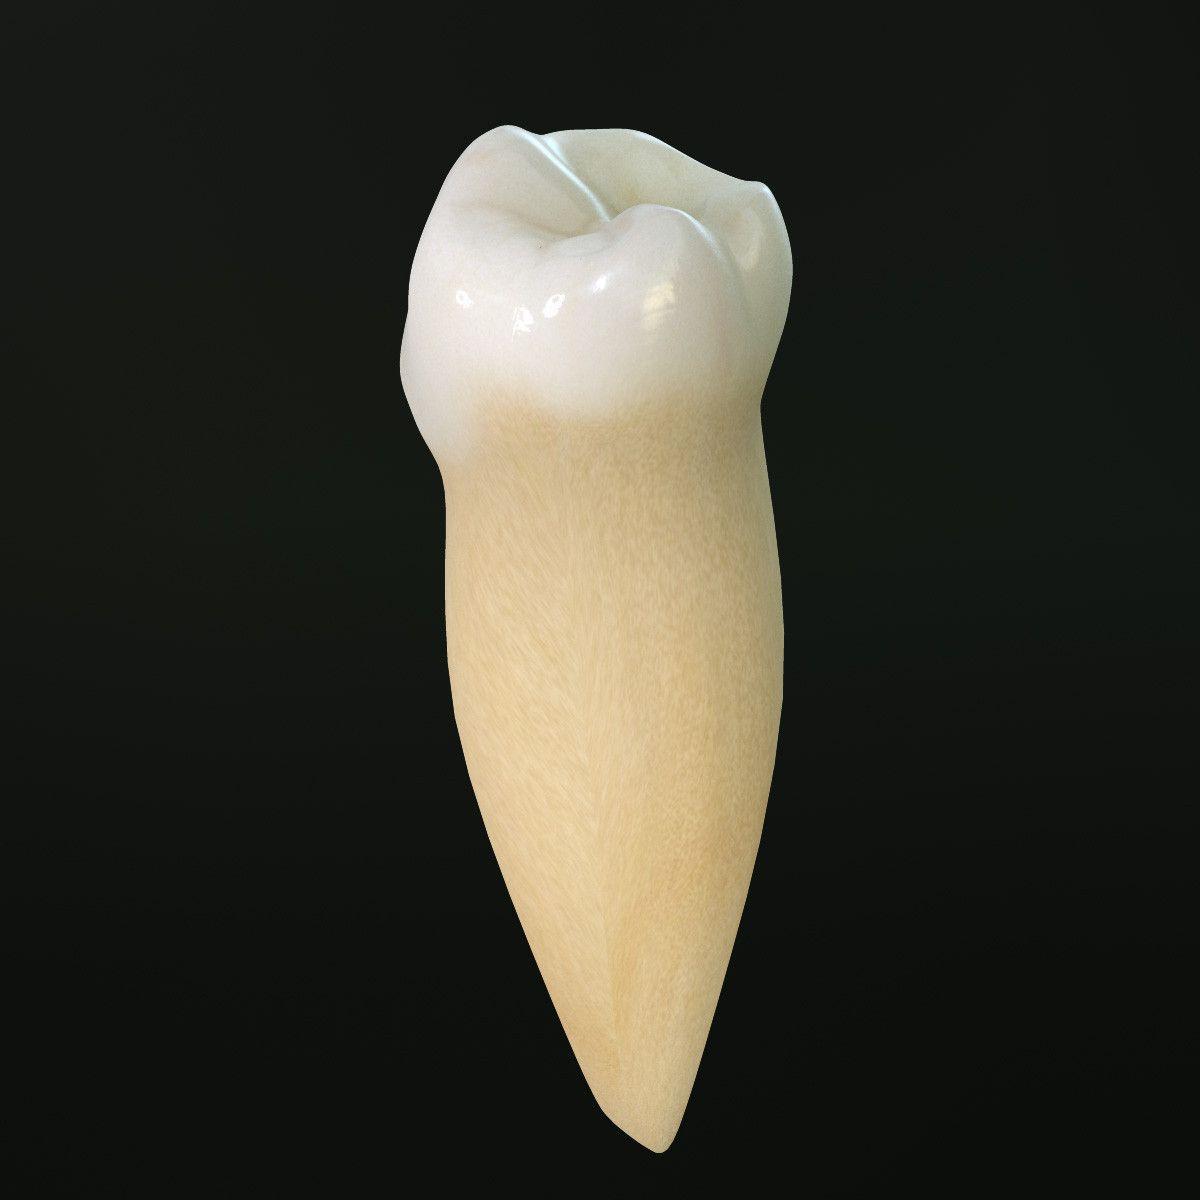 3D Tooth Lower Premolar - 3D Model | 3D-Modeling | Pinterest